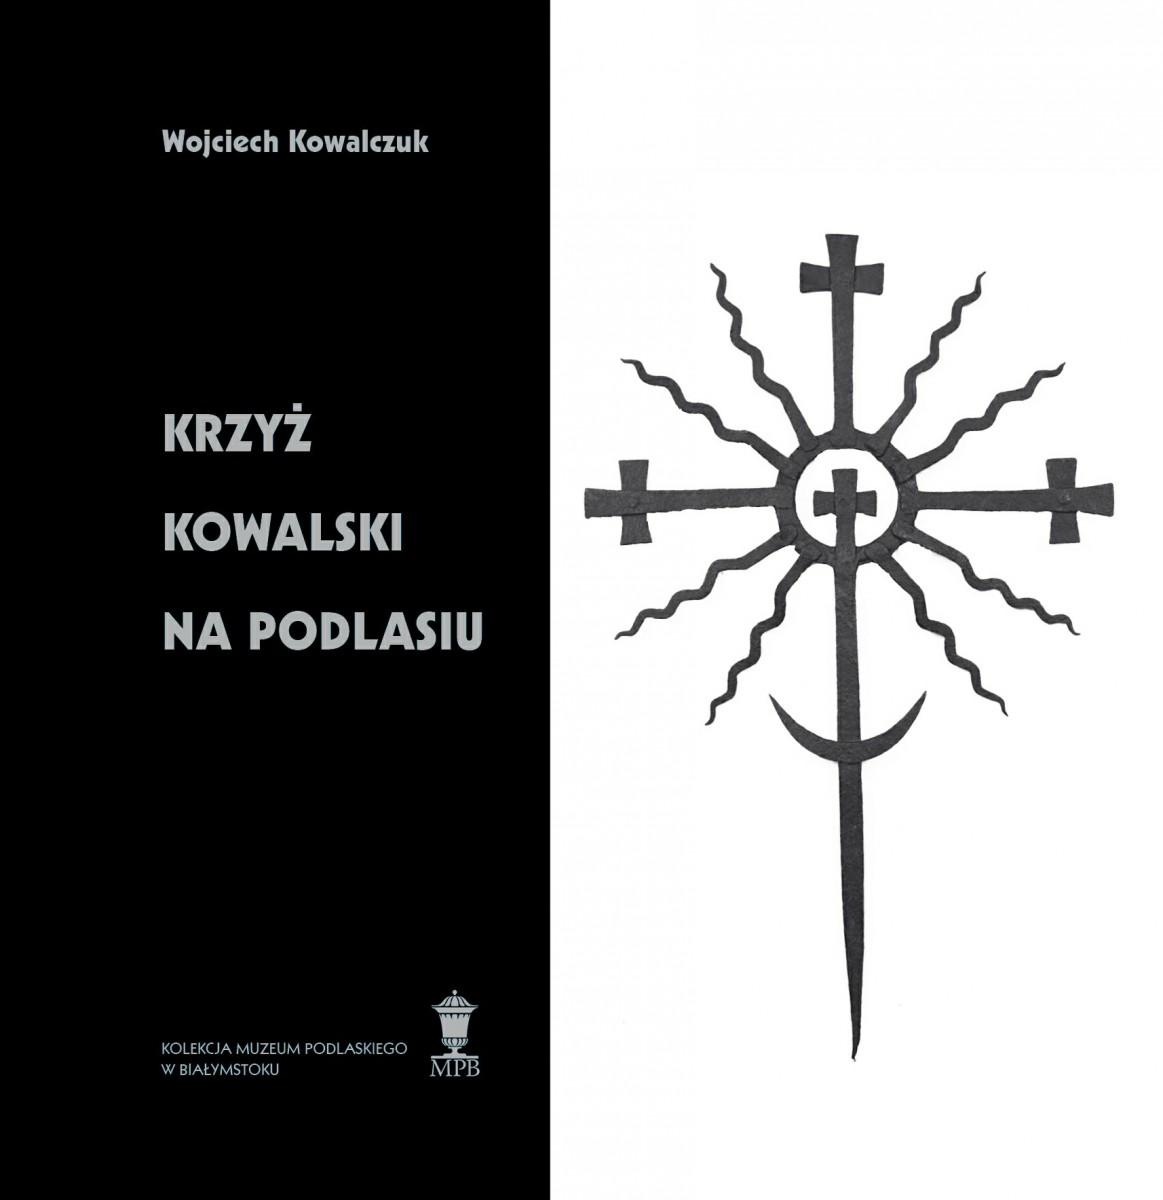 Kultura, Białymstoku krzyże kują - zdjęcie, fotografia